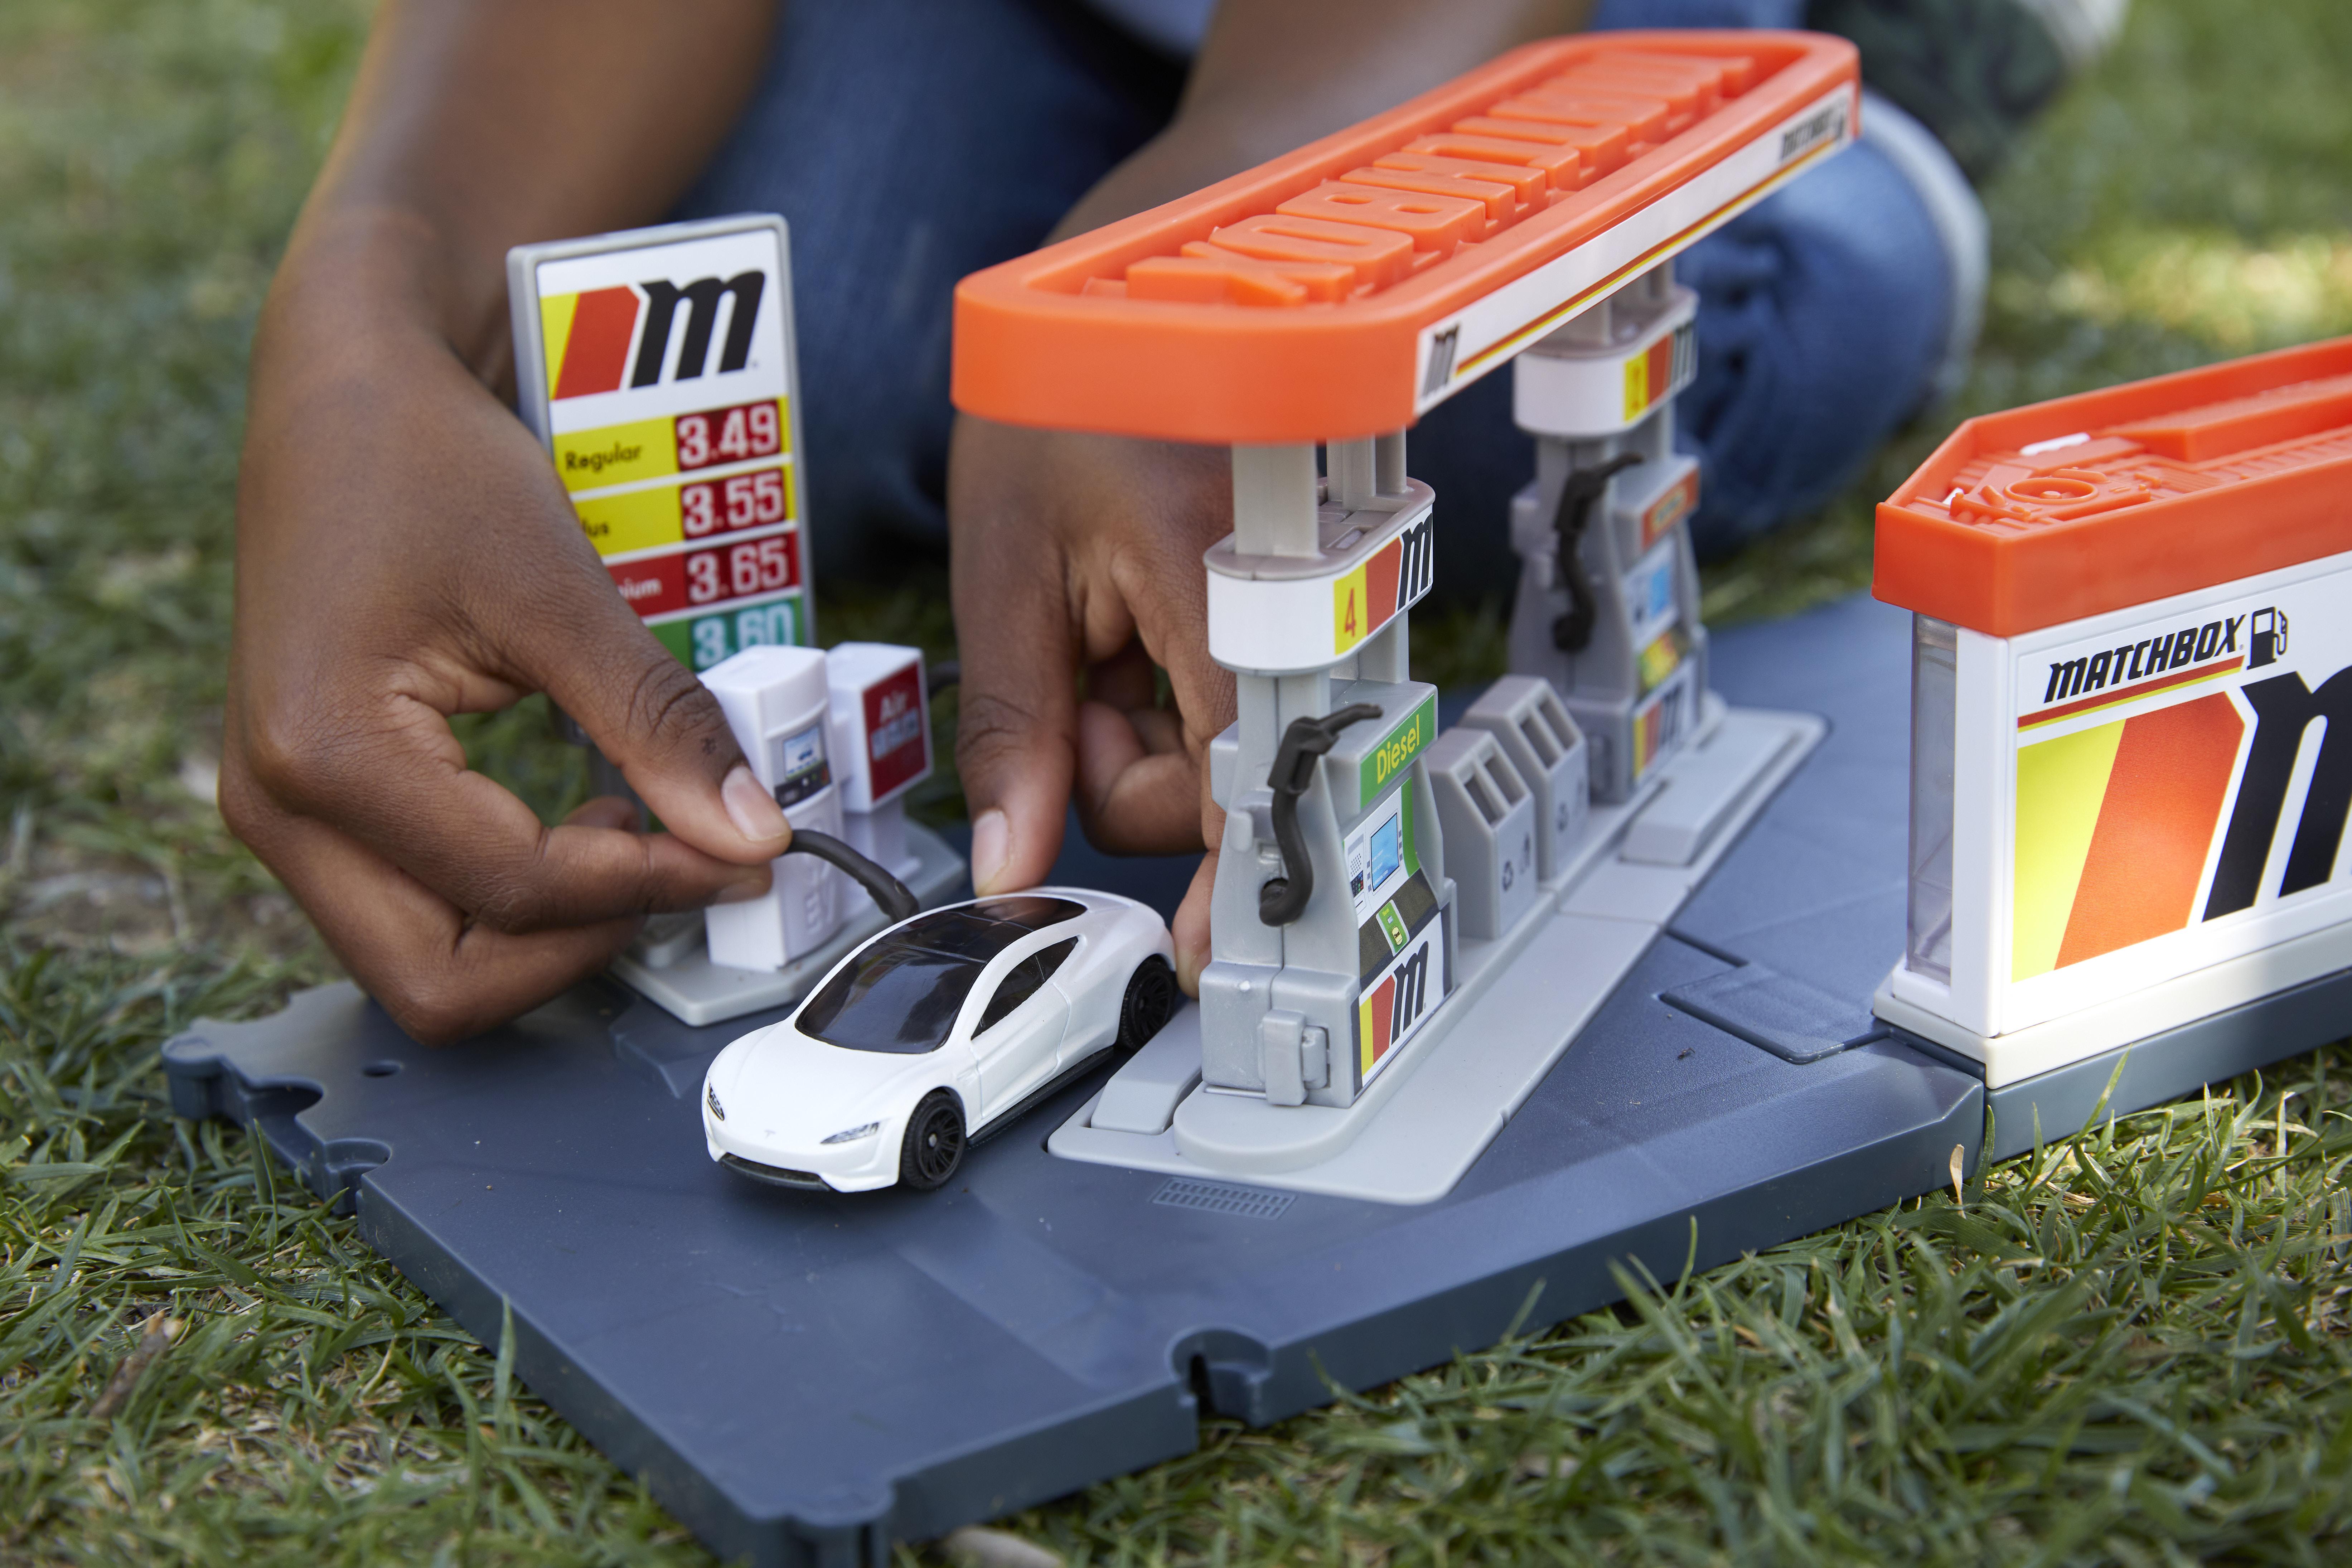 Ladestationen für E-Fahrzeuge gibt es bei Mattel jetzt auch im Kleinformat. Fotocredit: © Mattel